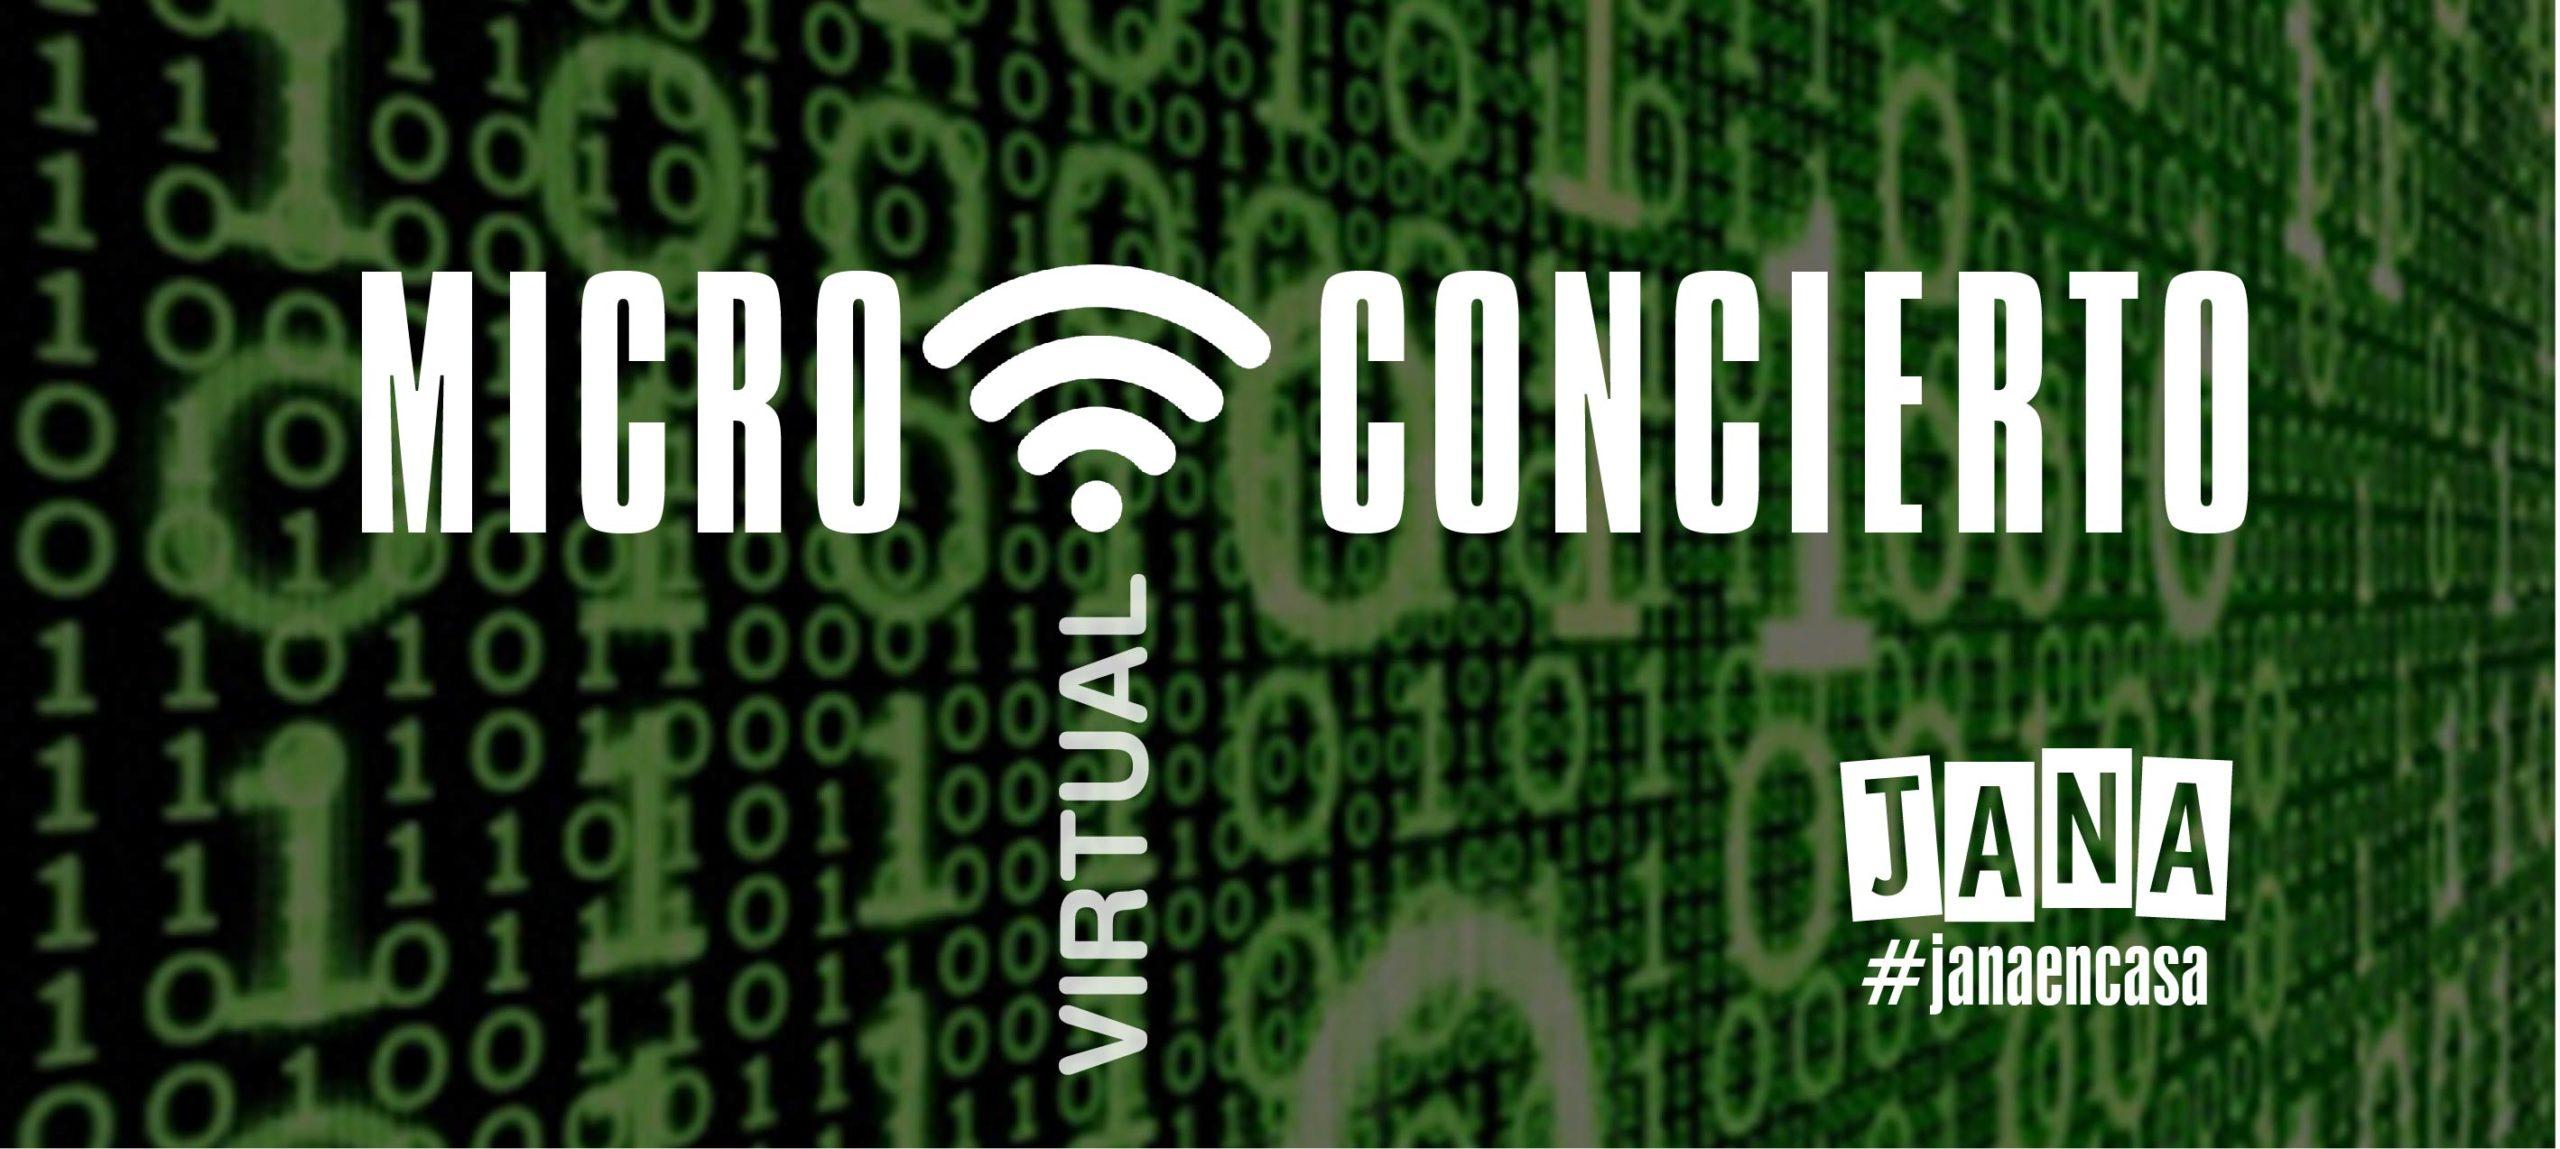 microconcierto virtual janaencasa